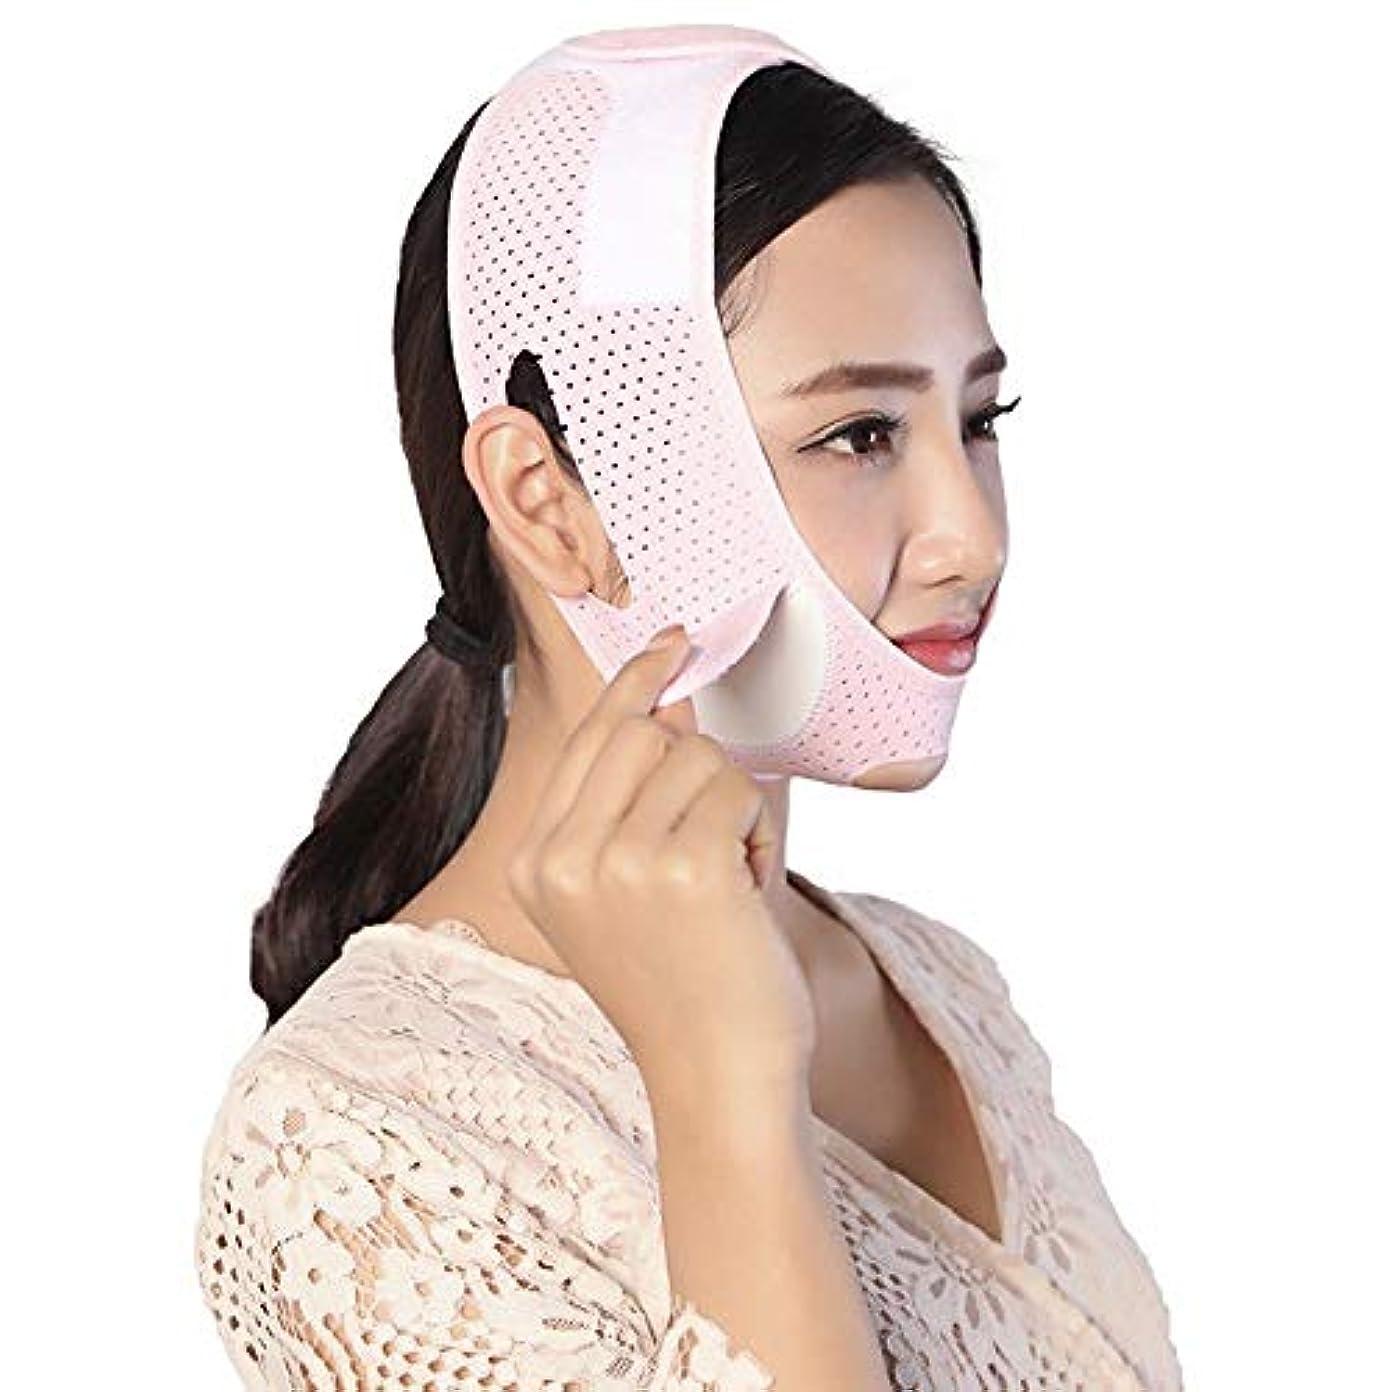 ポンド脆い豆腐Minmin フェイシャルリフティング痩身ベルト - 圧縮二重あご減量ベルトスキンケア薄い顔包帯 みんみんVラインフェイスマスク